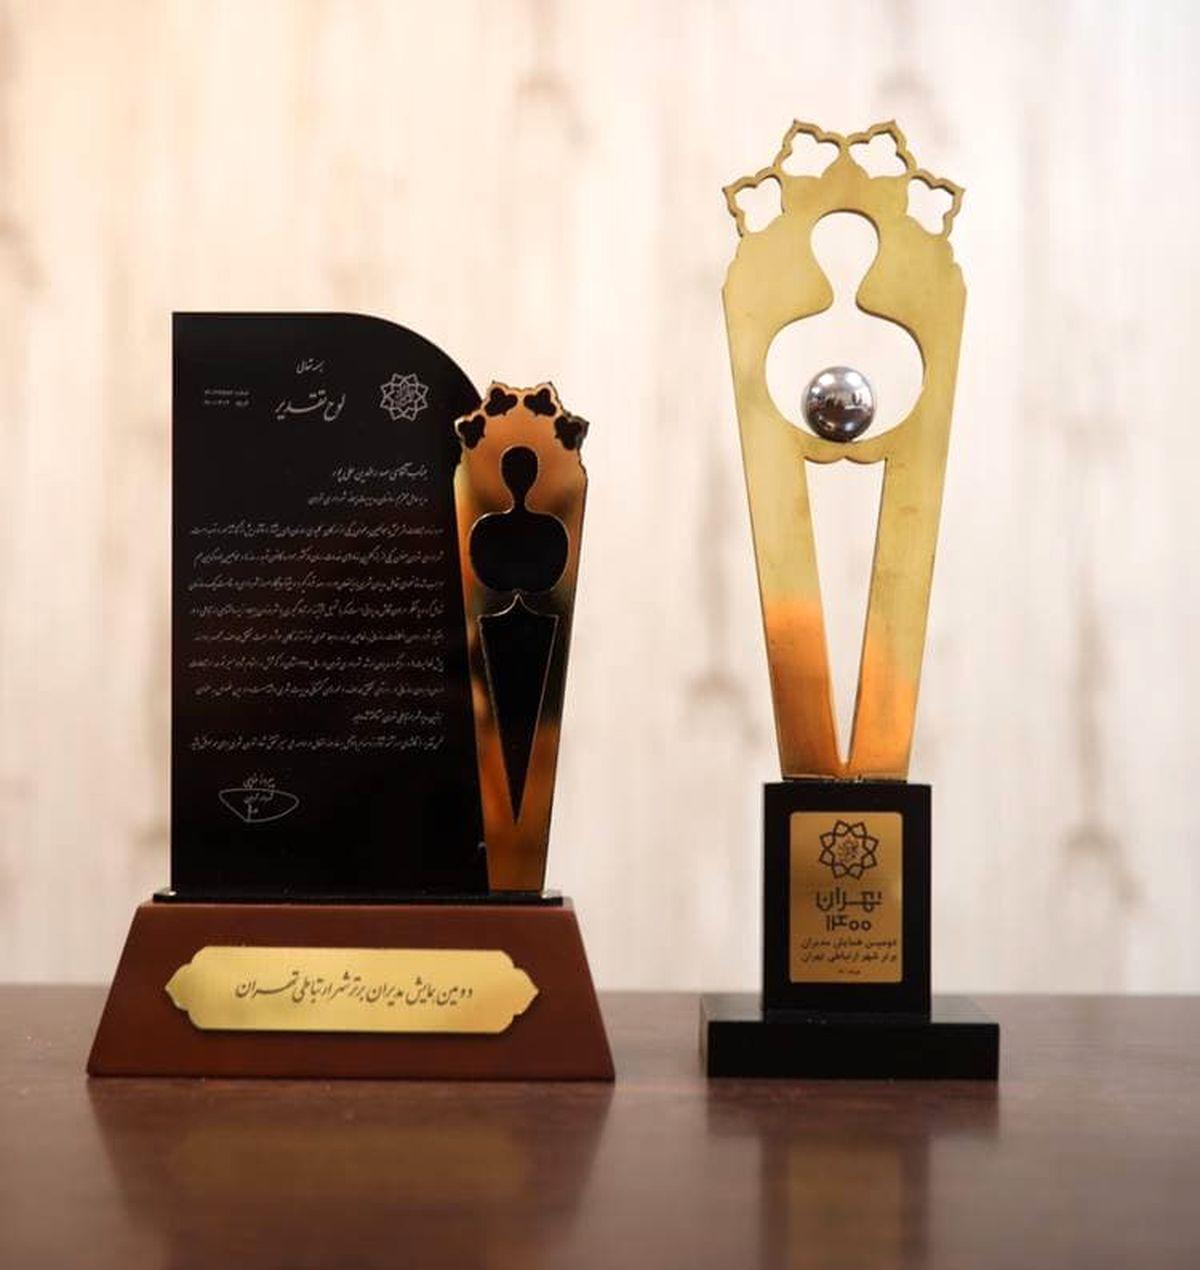 تندیس دومین جشنواره مدیران برتر ارتباطی تهران به سازمان مدیریت پسماند رسید